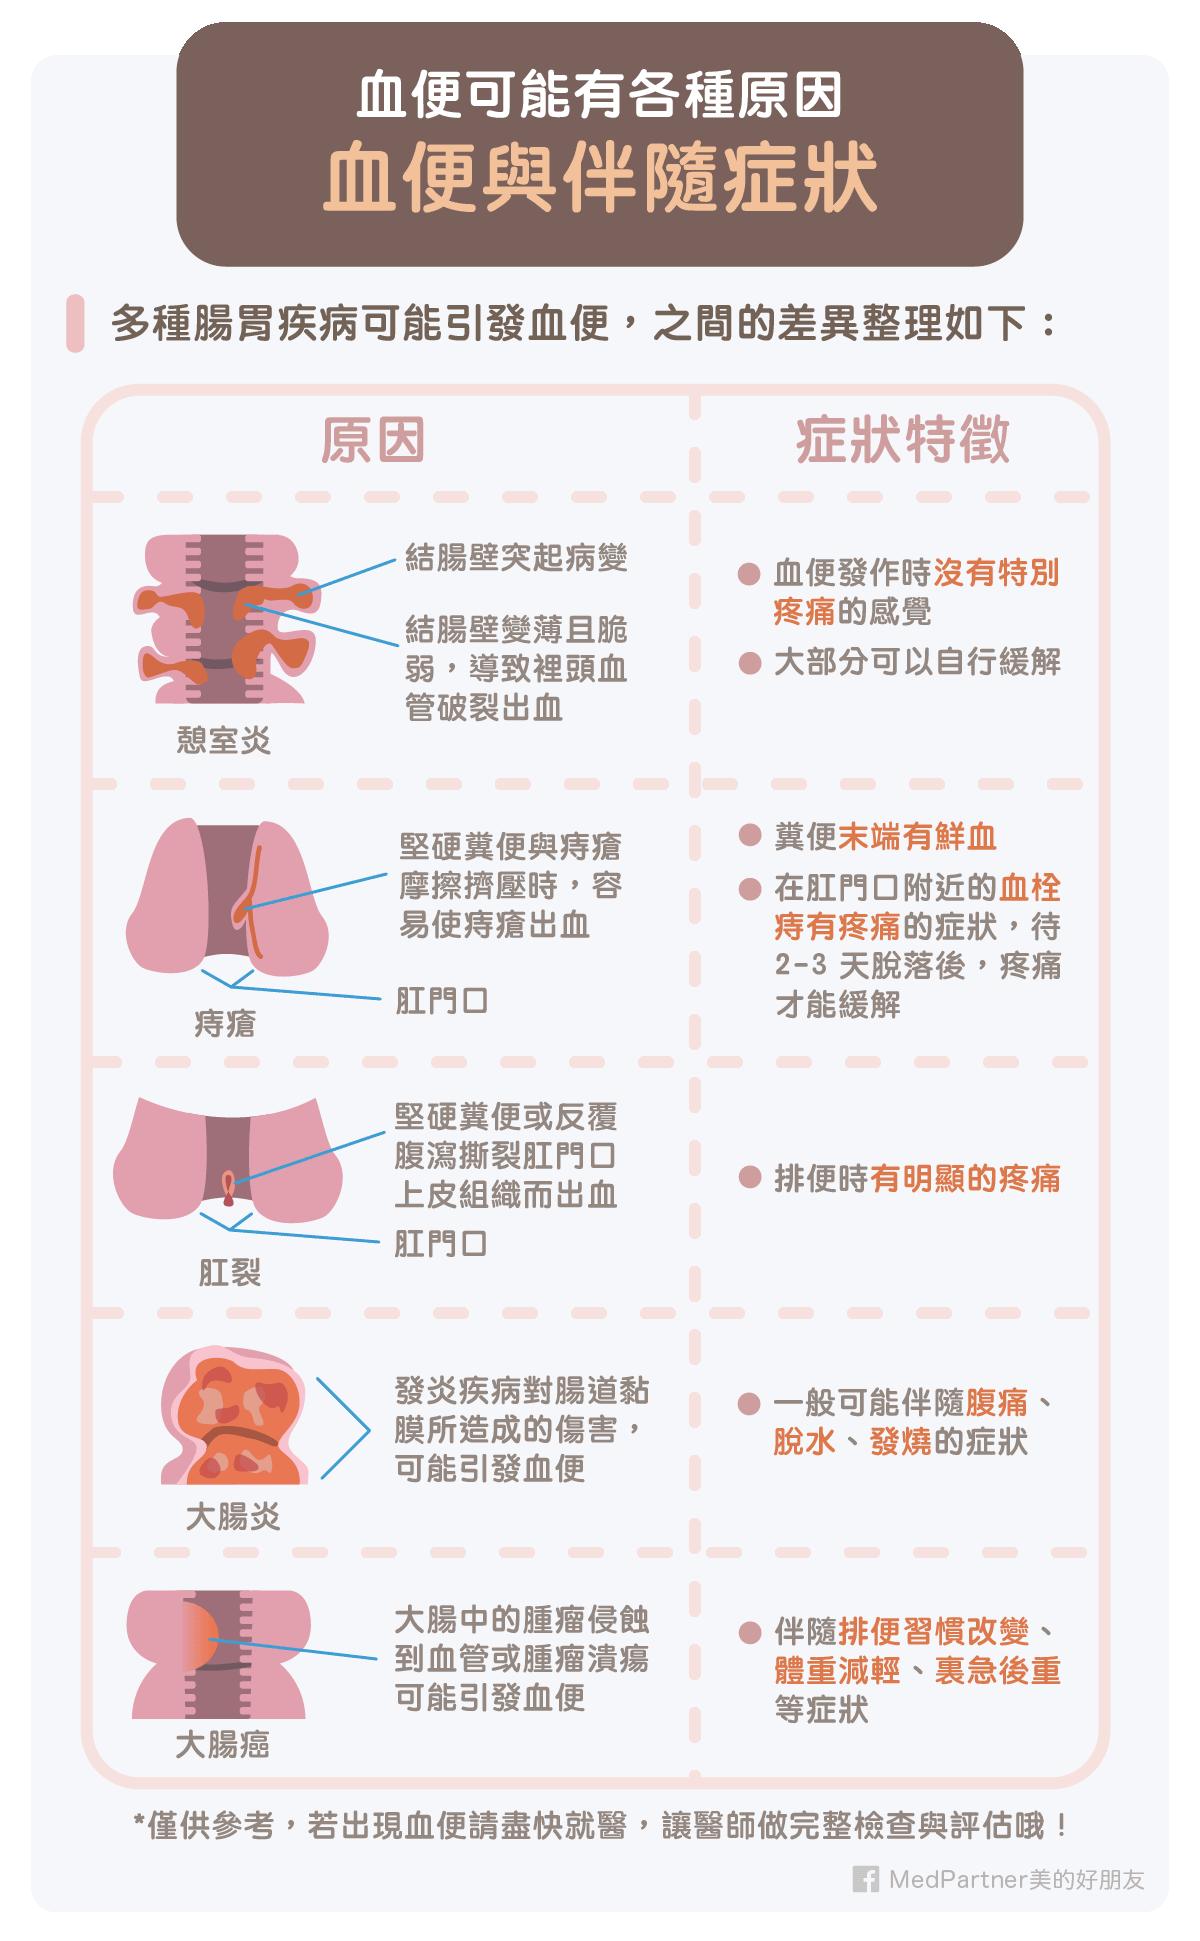 血便原因與伴隨症狀